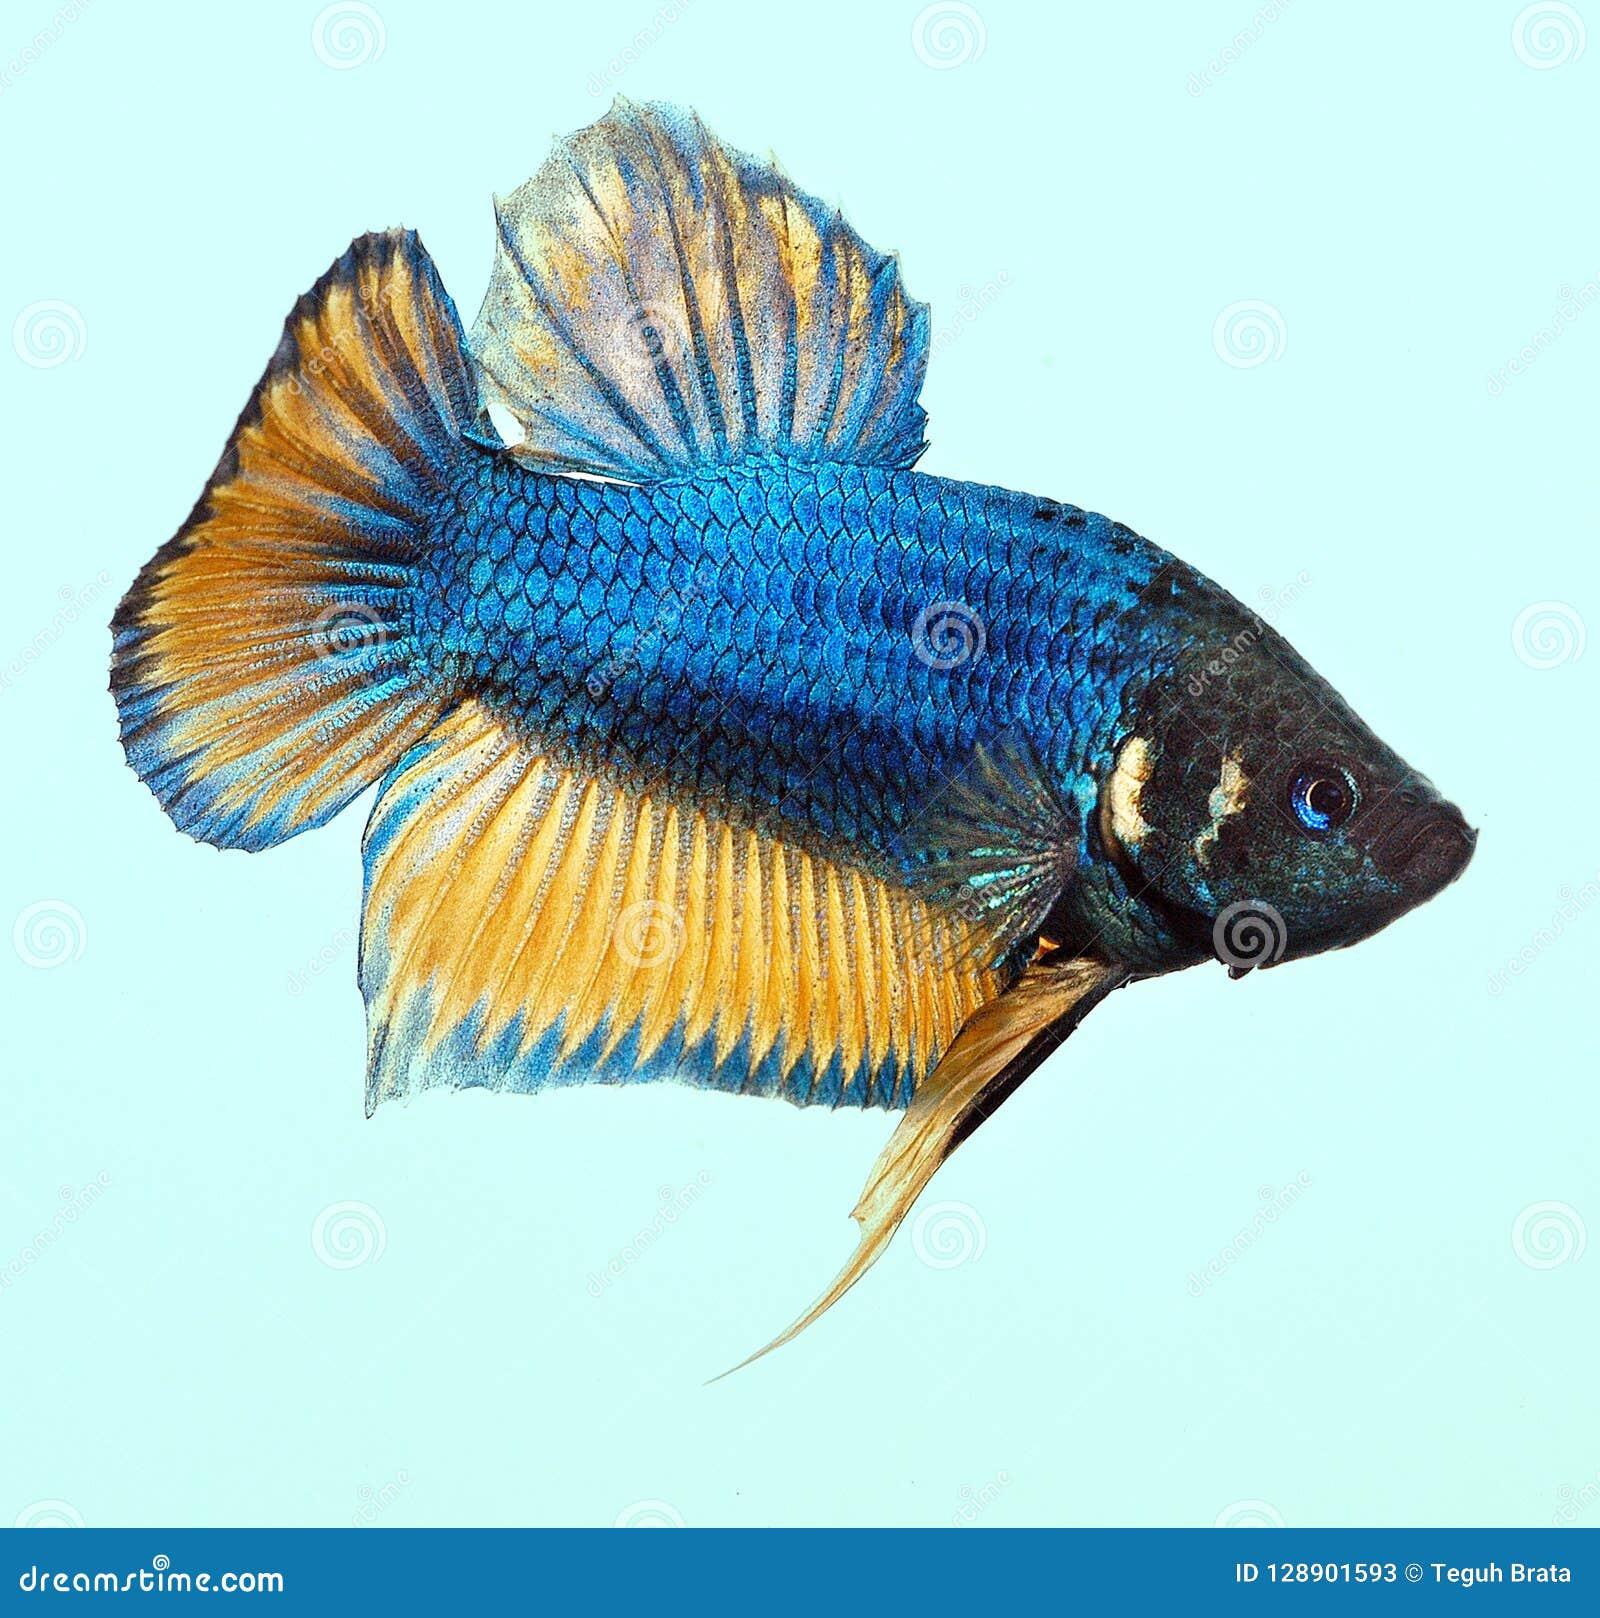 Mustard Gas Betta Splenden Fish Stock Image Image Of Fish Betta 128901593